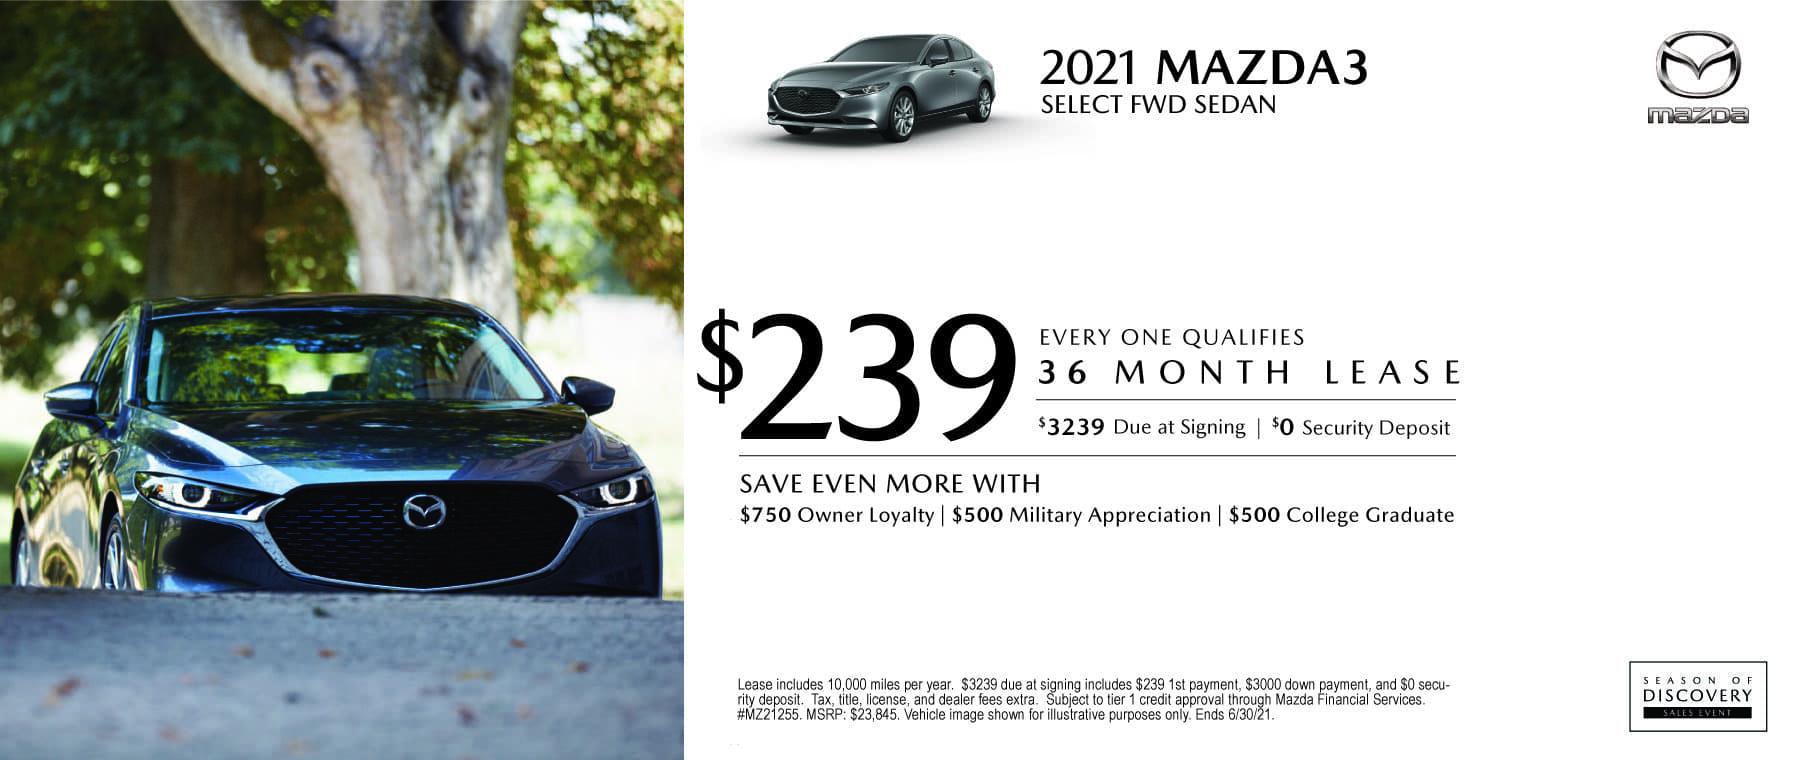 June-2021-Mazda-CS-Slides_Mazda3-2